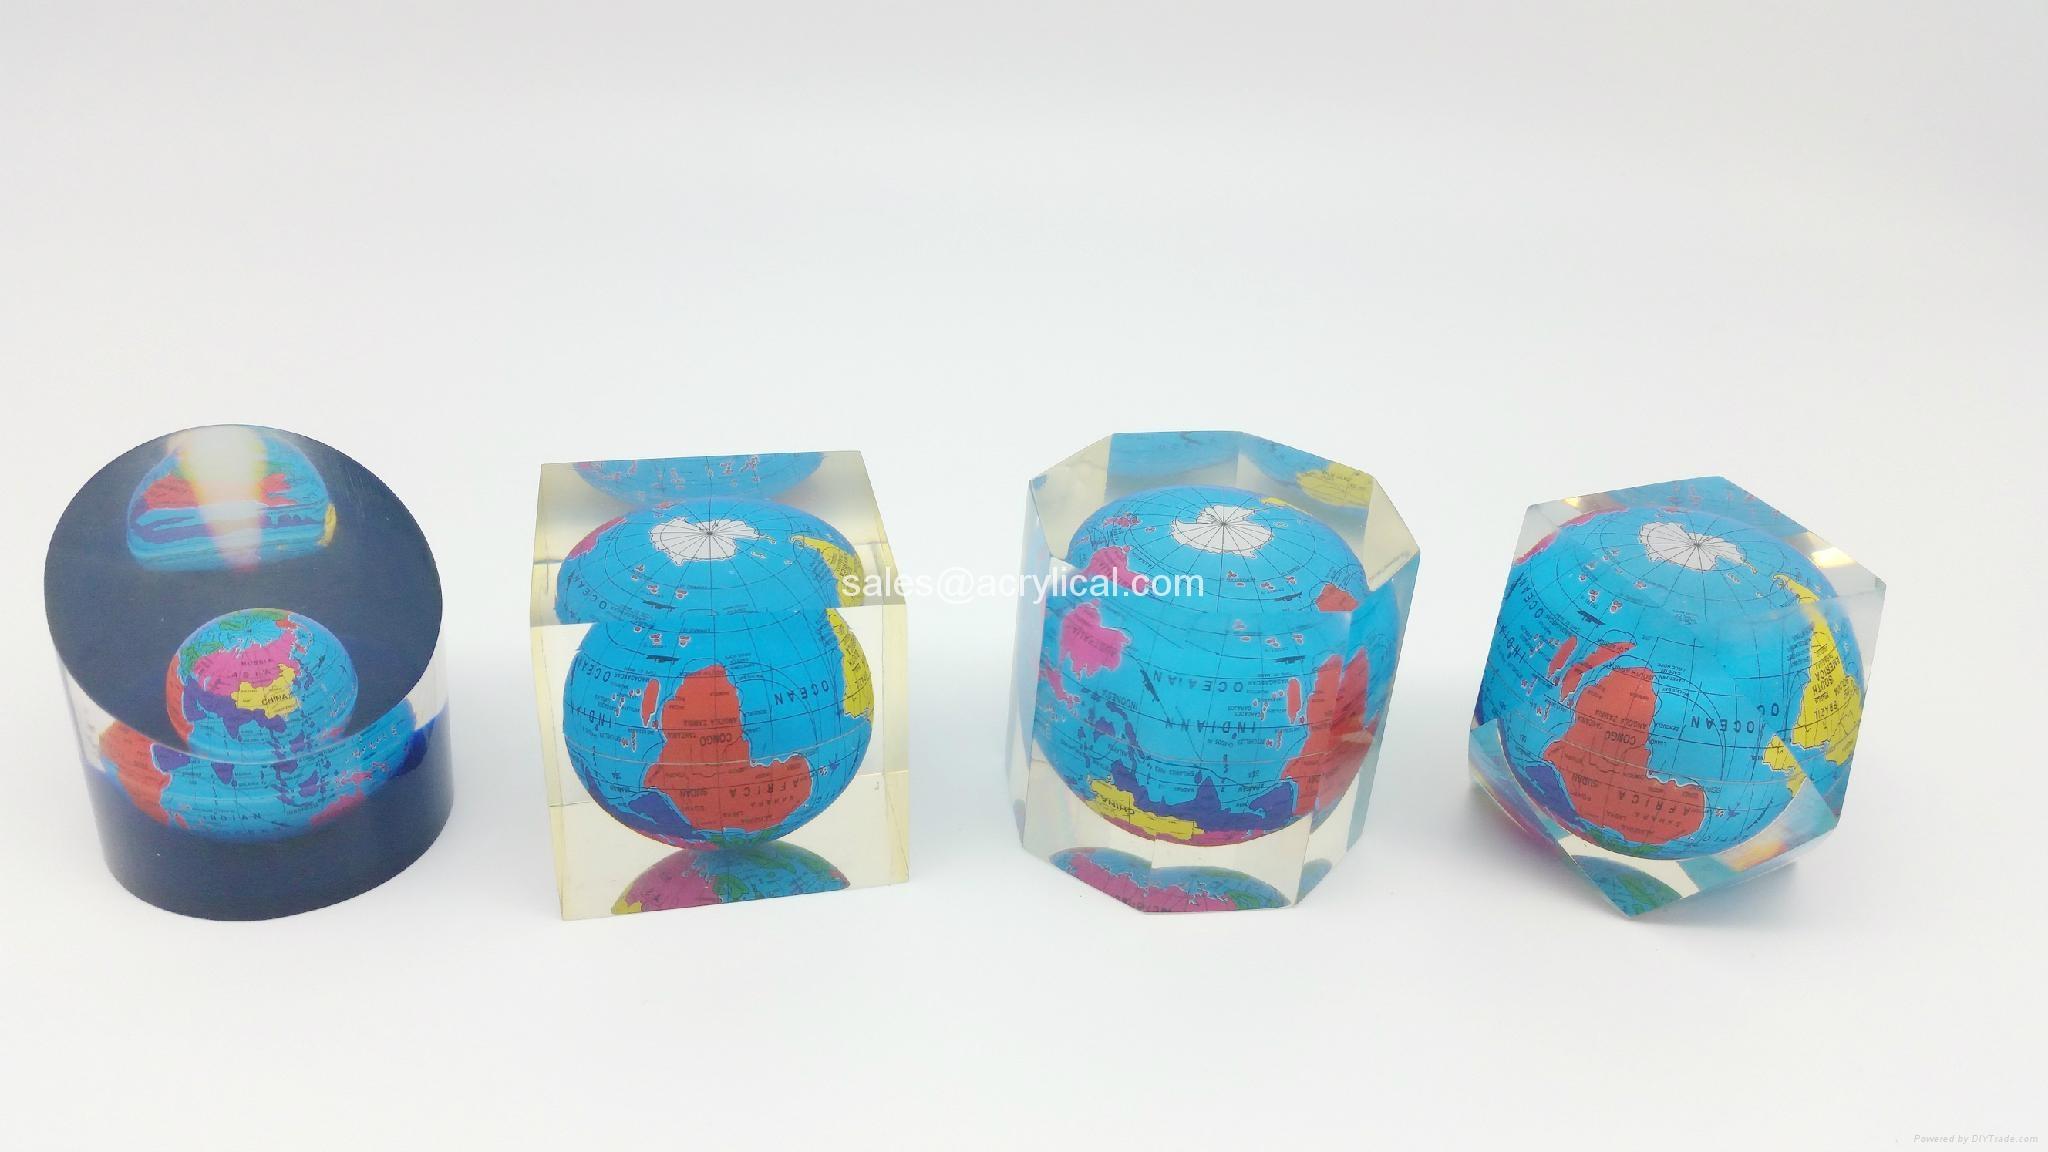 水晶膠工藝品,透明廣告禮品,水晶工藝品製作,透明工藝品,透明樹脂工藝、透明磨砂工藝、夜光工藝品、樹脂仿大理石工藝、樹脂仿玉石工藝、樹脂小雕像、首飾展示架(亞加叻、透明合成樹脂)、聖誕節工藝品、萬聖節工藝品、喜慶婚禮禮品、基督教工藝品、閃光樹脂禮品、樹脂加濕霧化器(霧化燈)廣告禮品等。